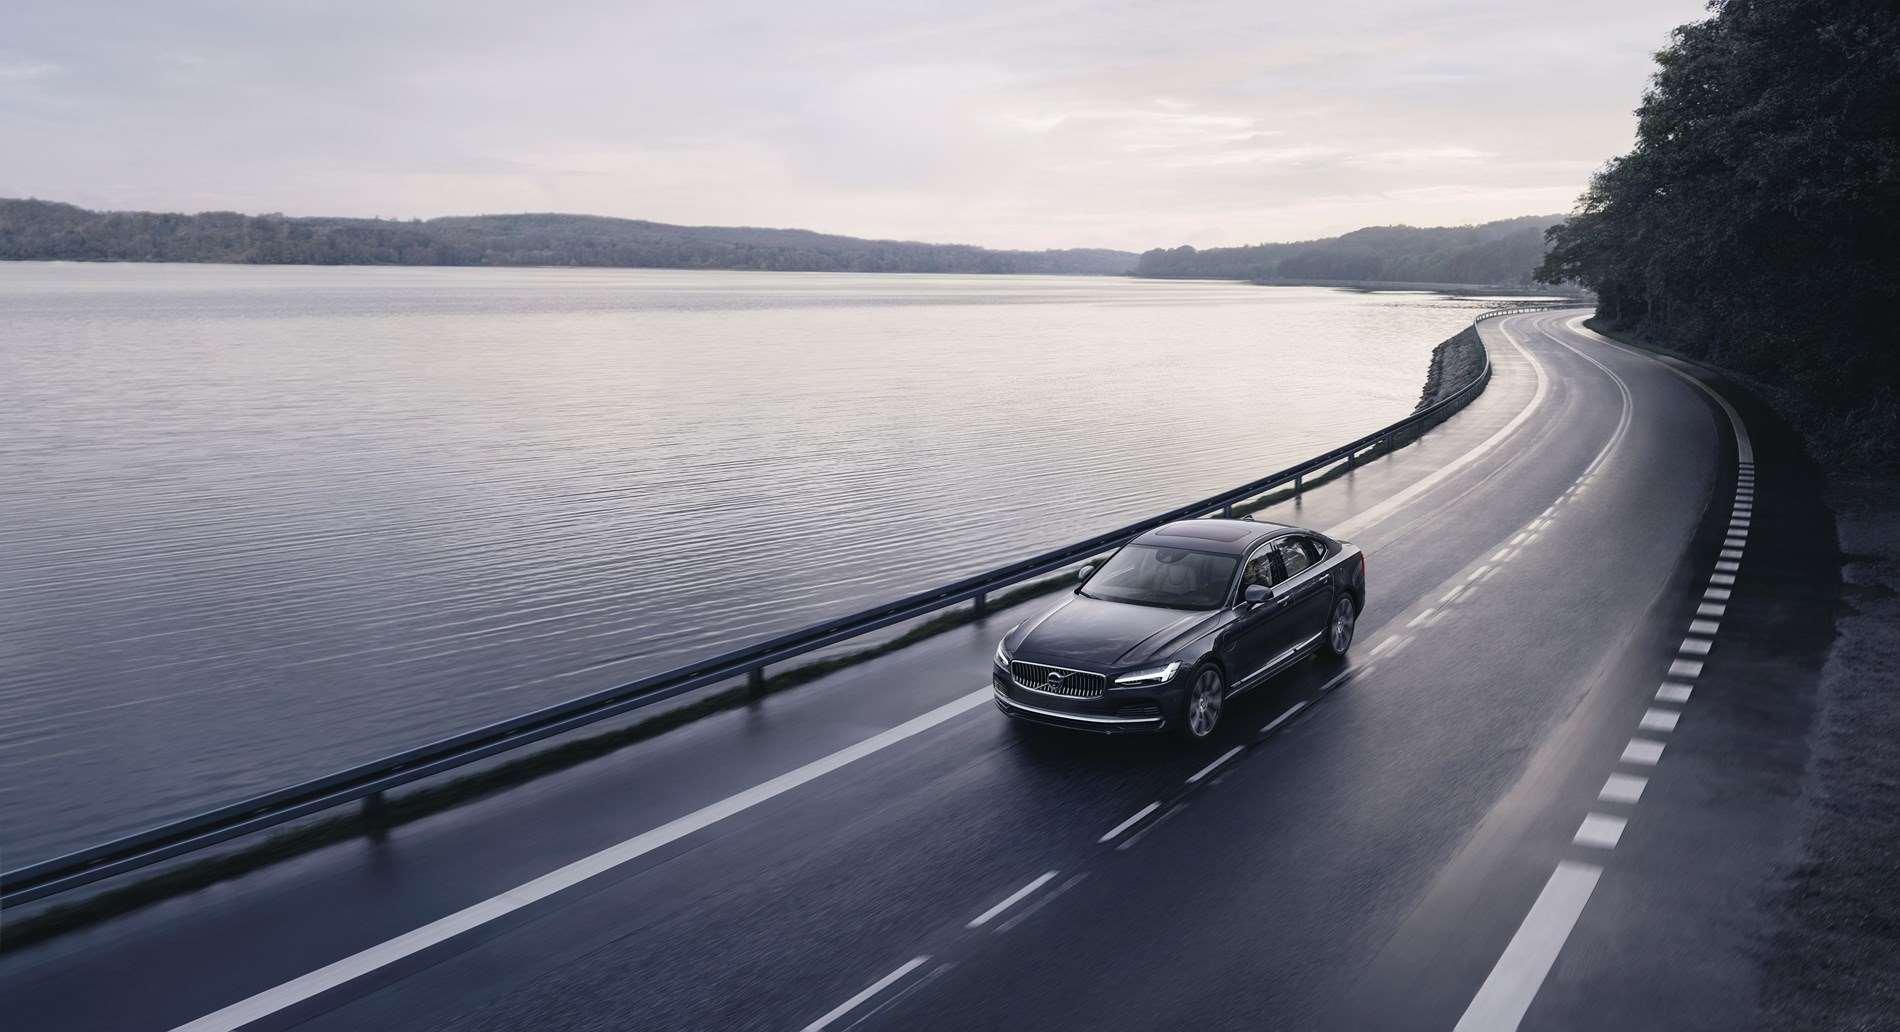 Elk Volvo-model wordt voortaan geleverd met een snelheidsbegrenzing van 180 km/u en een Care Key